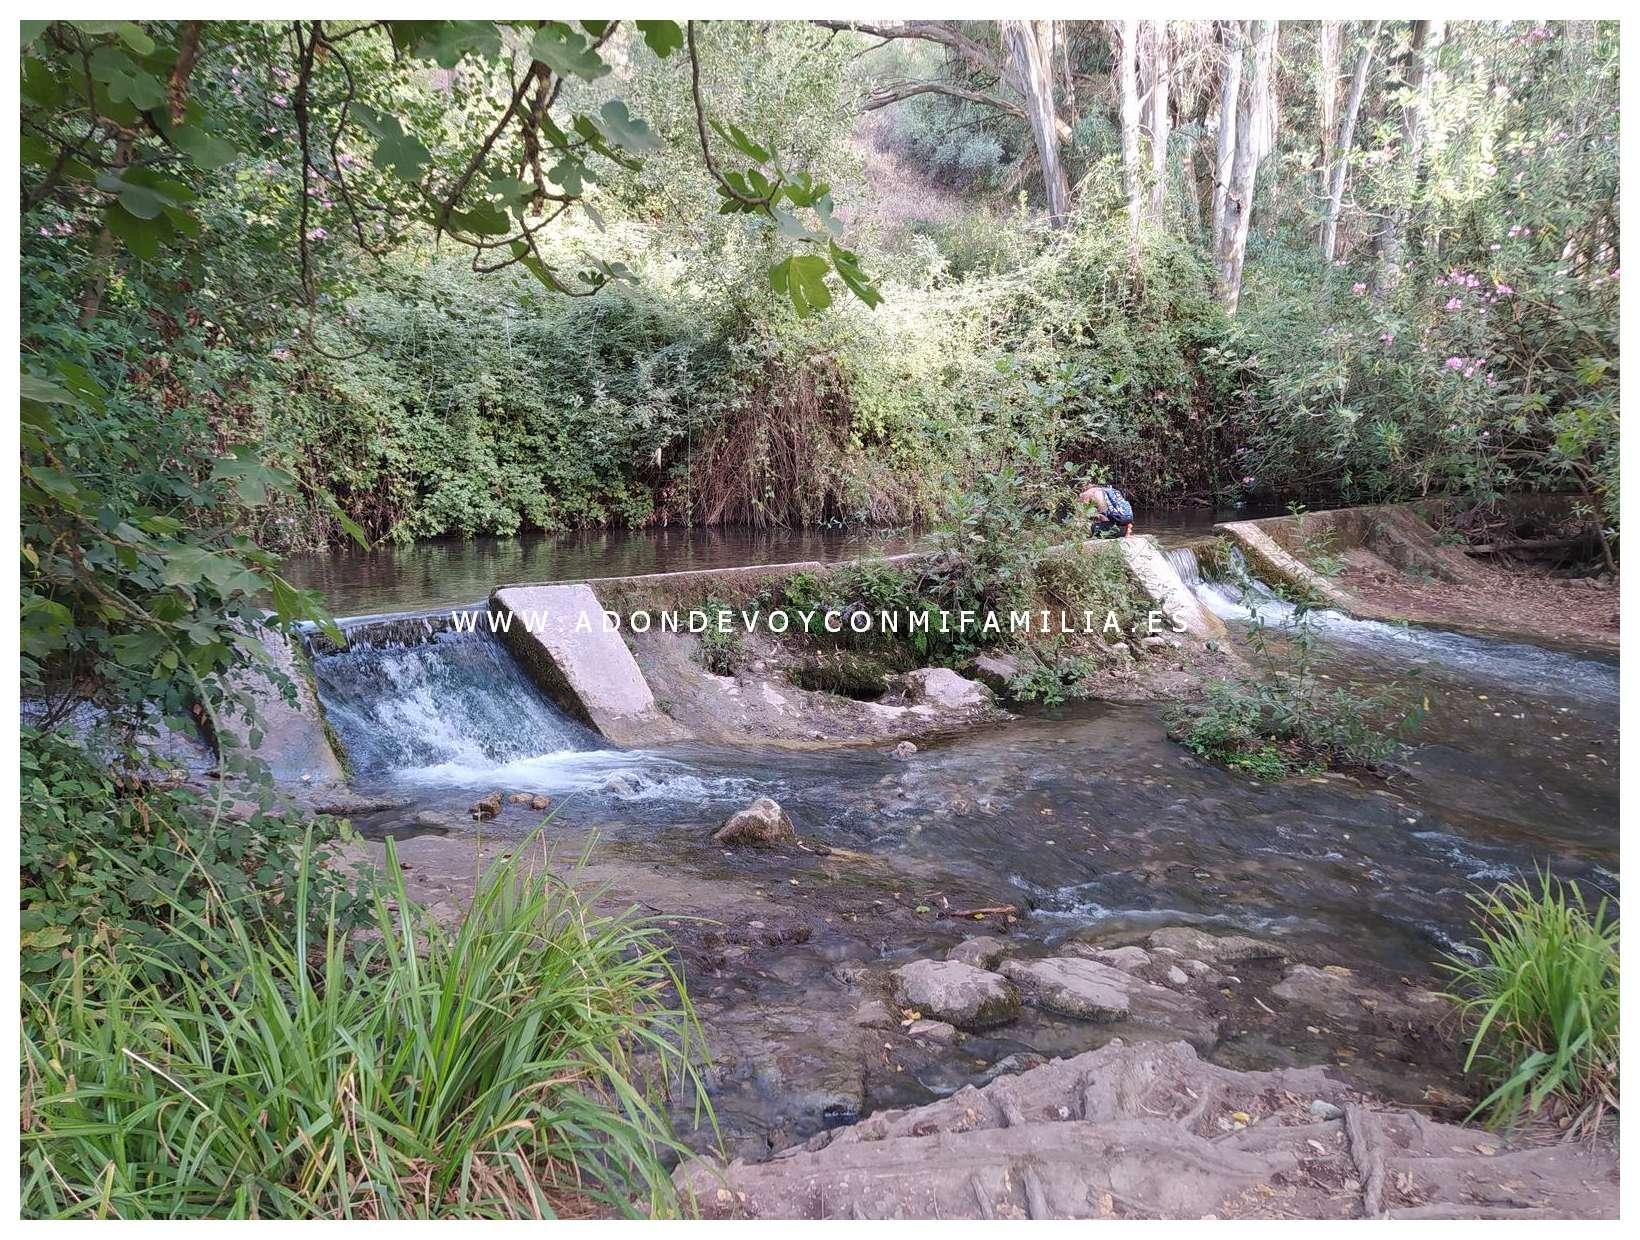 sendero rio majaceite adondevoyconmifamilia 25